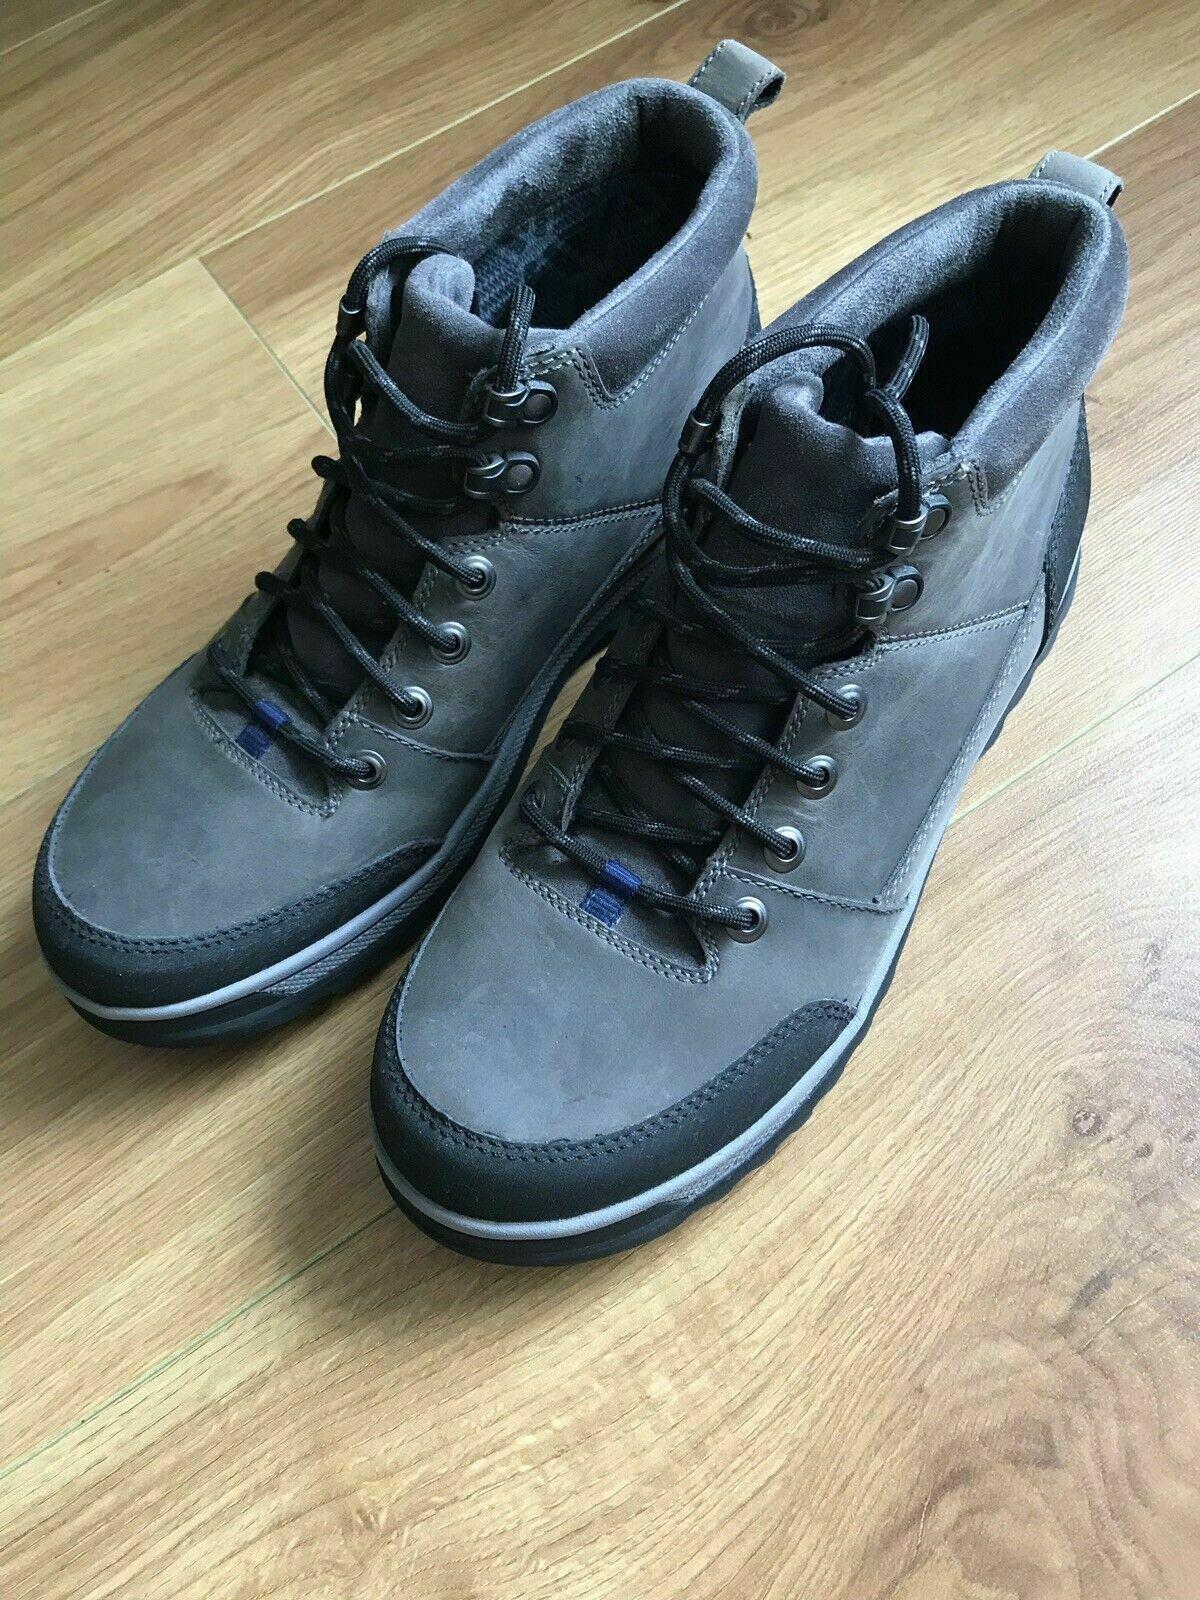 perdonar Mexico Limpiar el piso  Botas hombre Clarks ´Gore-tex nuevas 43 - 43 RipwayHill GTX Clarks boots  men · $67.00 | Clarks, Botas hombre, Hombres